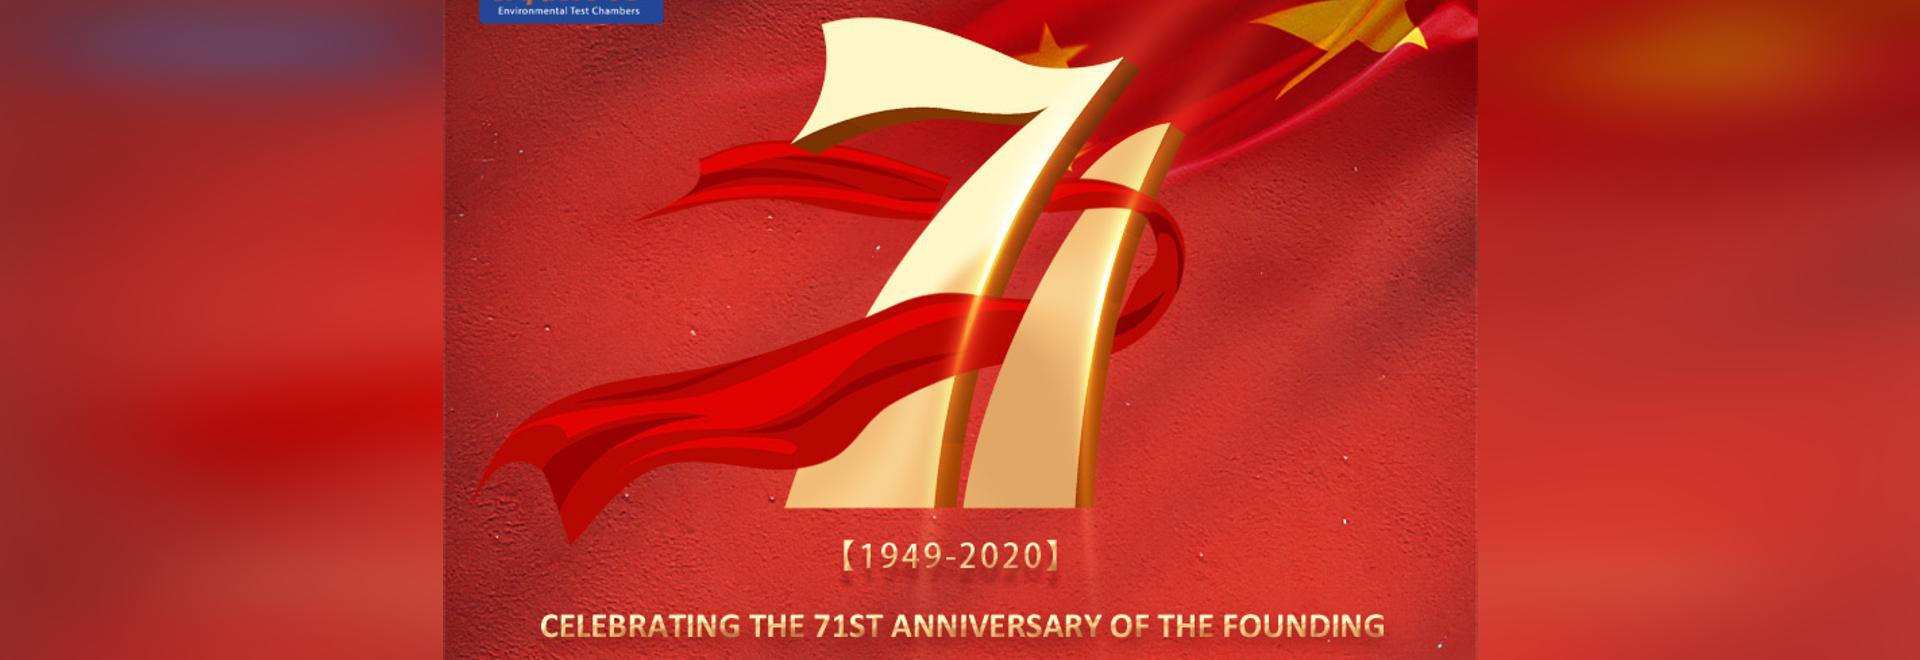 Le festival chinois de la mi-automne se réunit le même jour avec notre fête nationale !